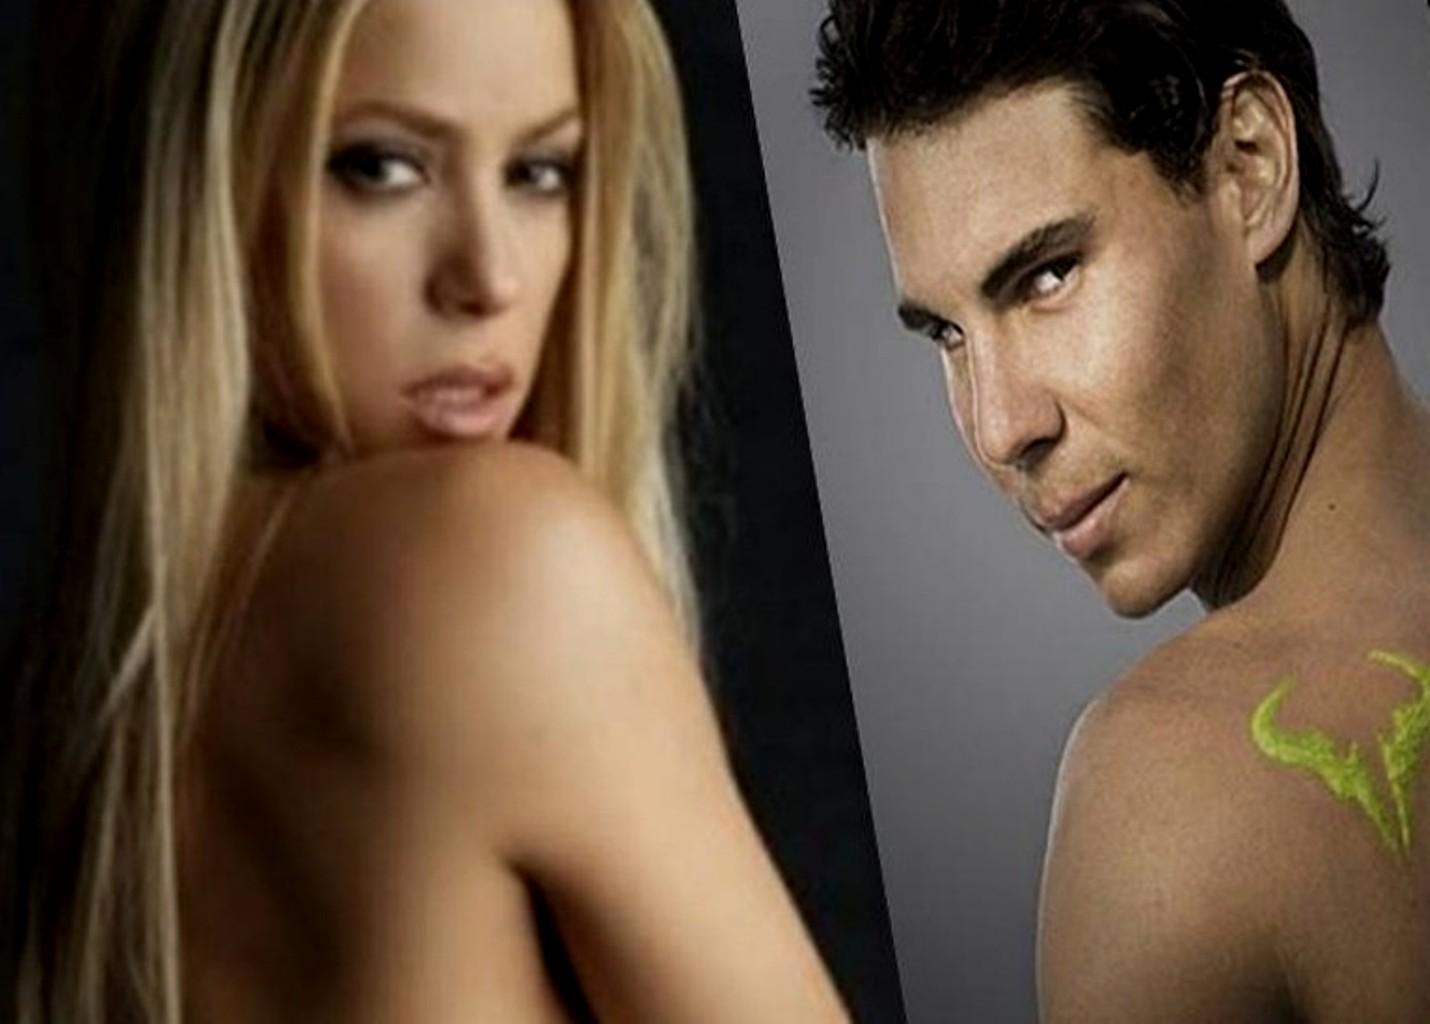 italian sex porn picture gallery